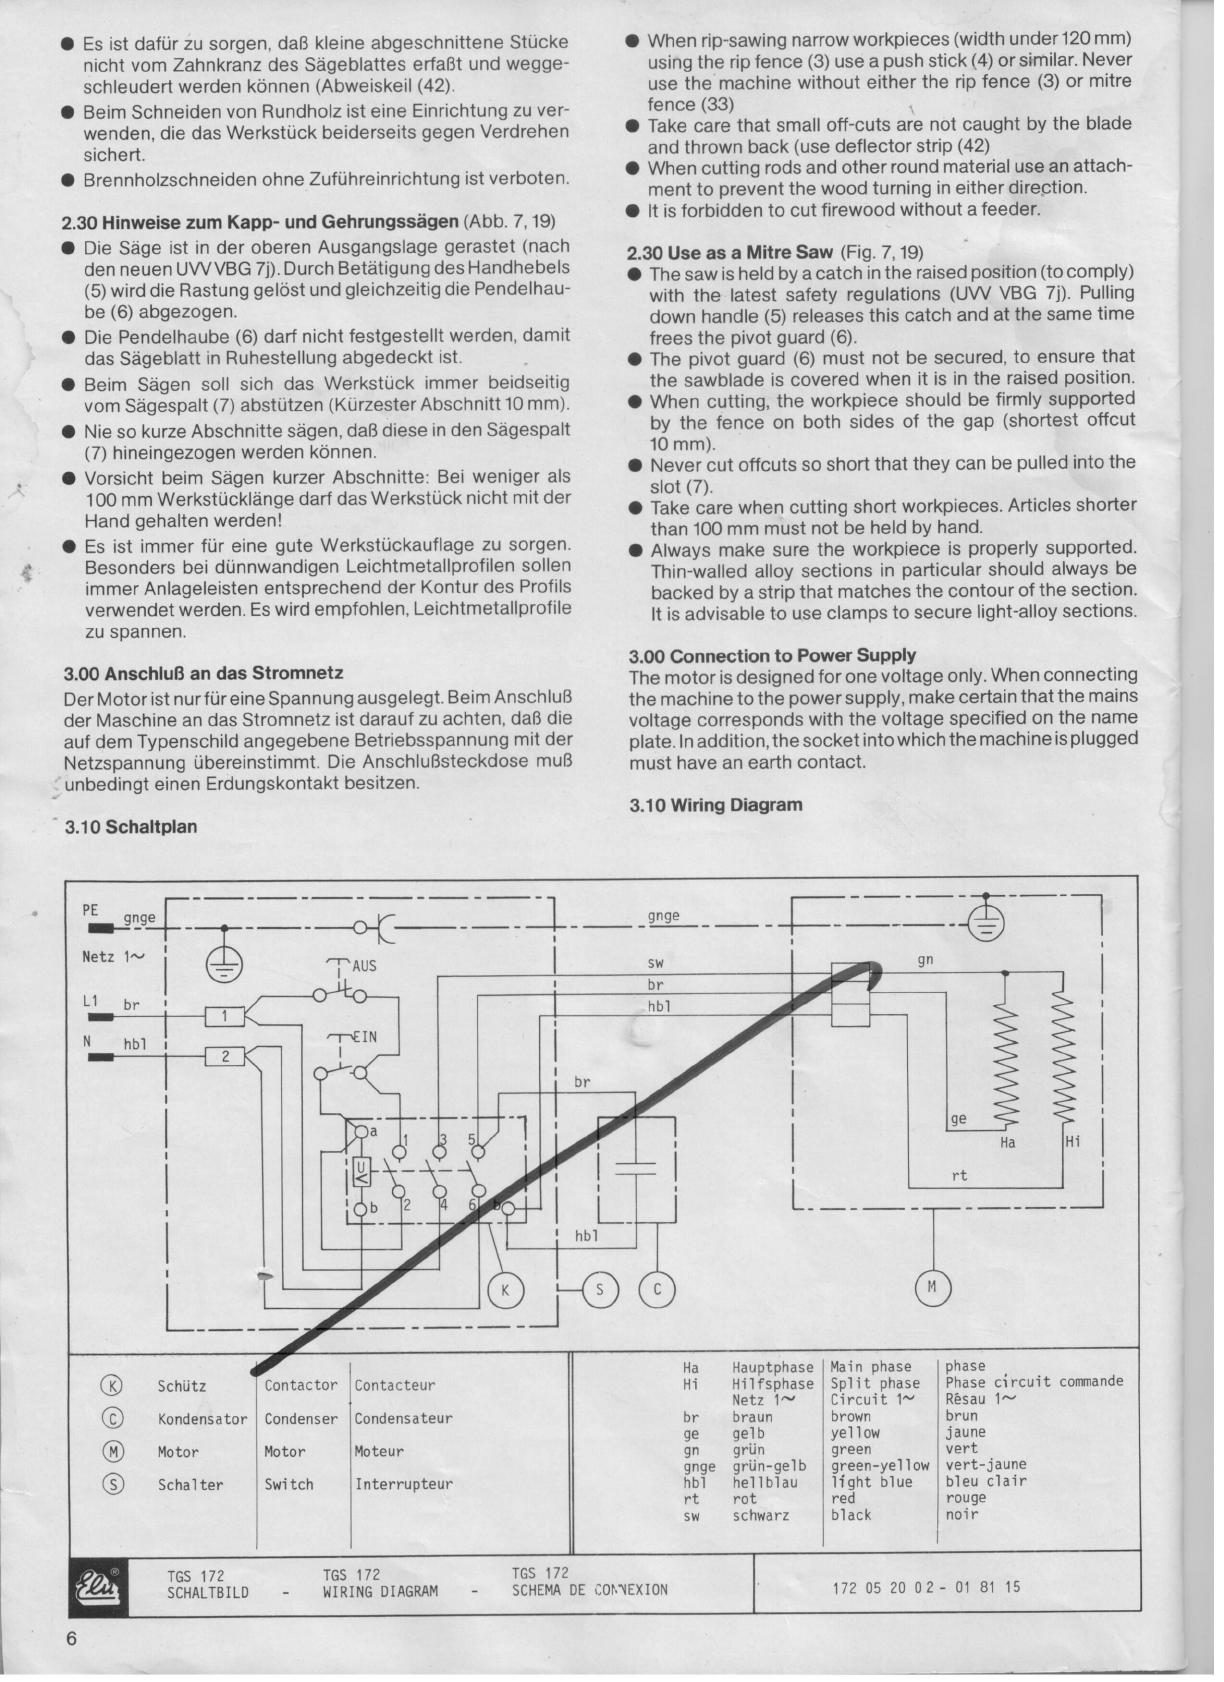 Ziemlich Elektrischer Schaltplan Mit Drei Wegen Ideen - Elektrische ...